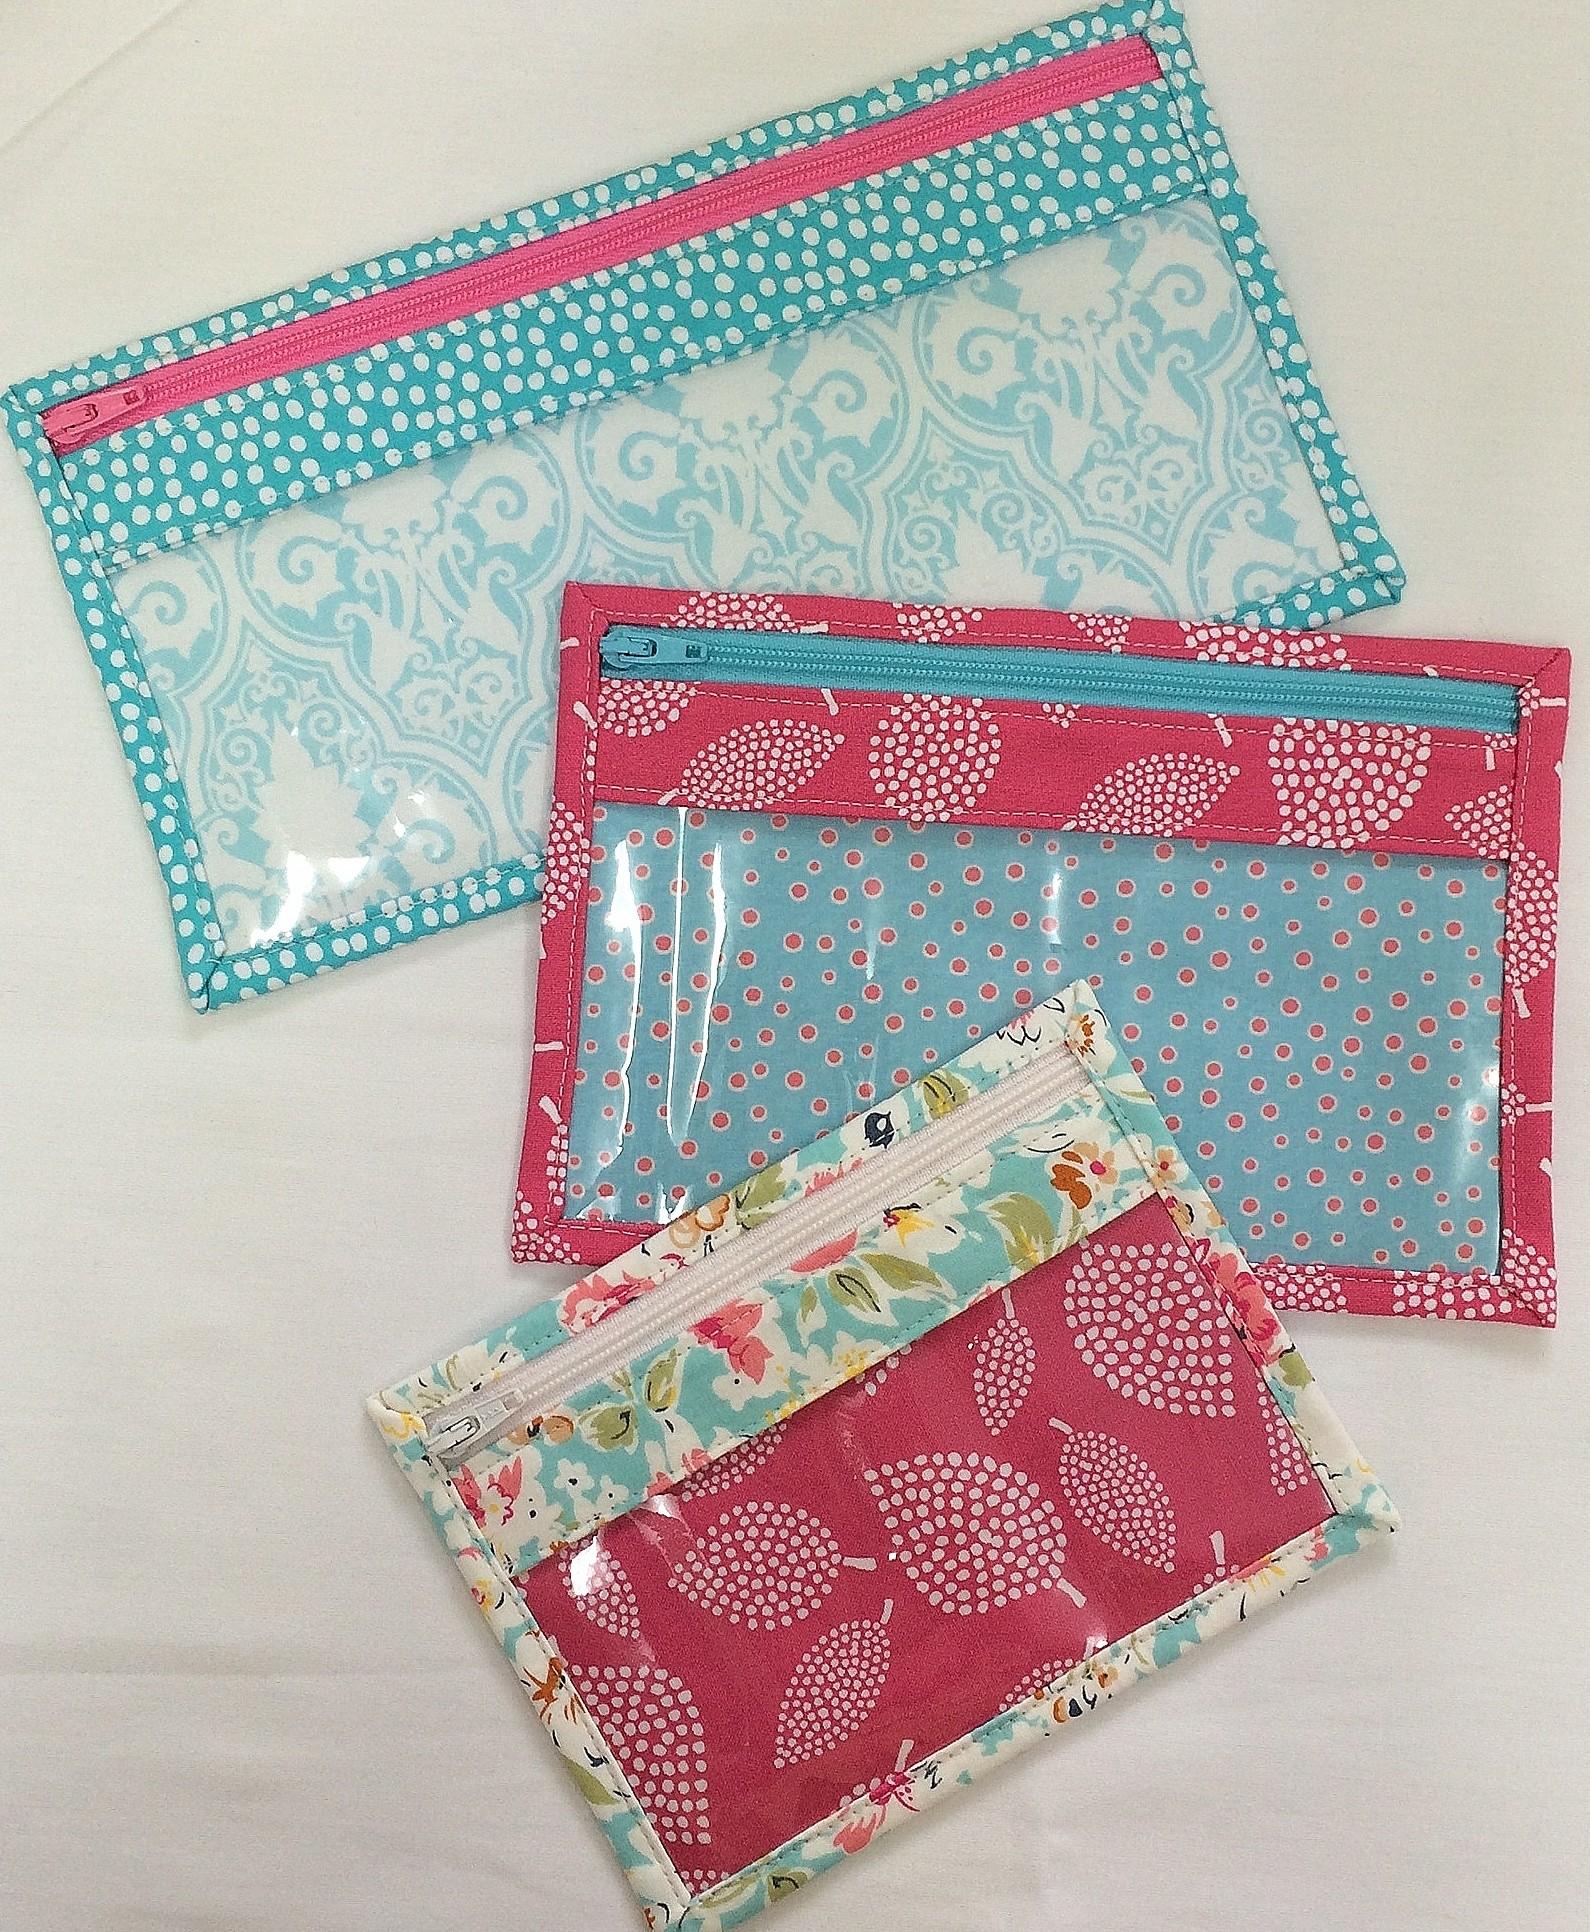 Accessories Kits